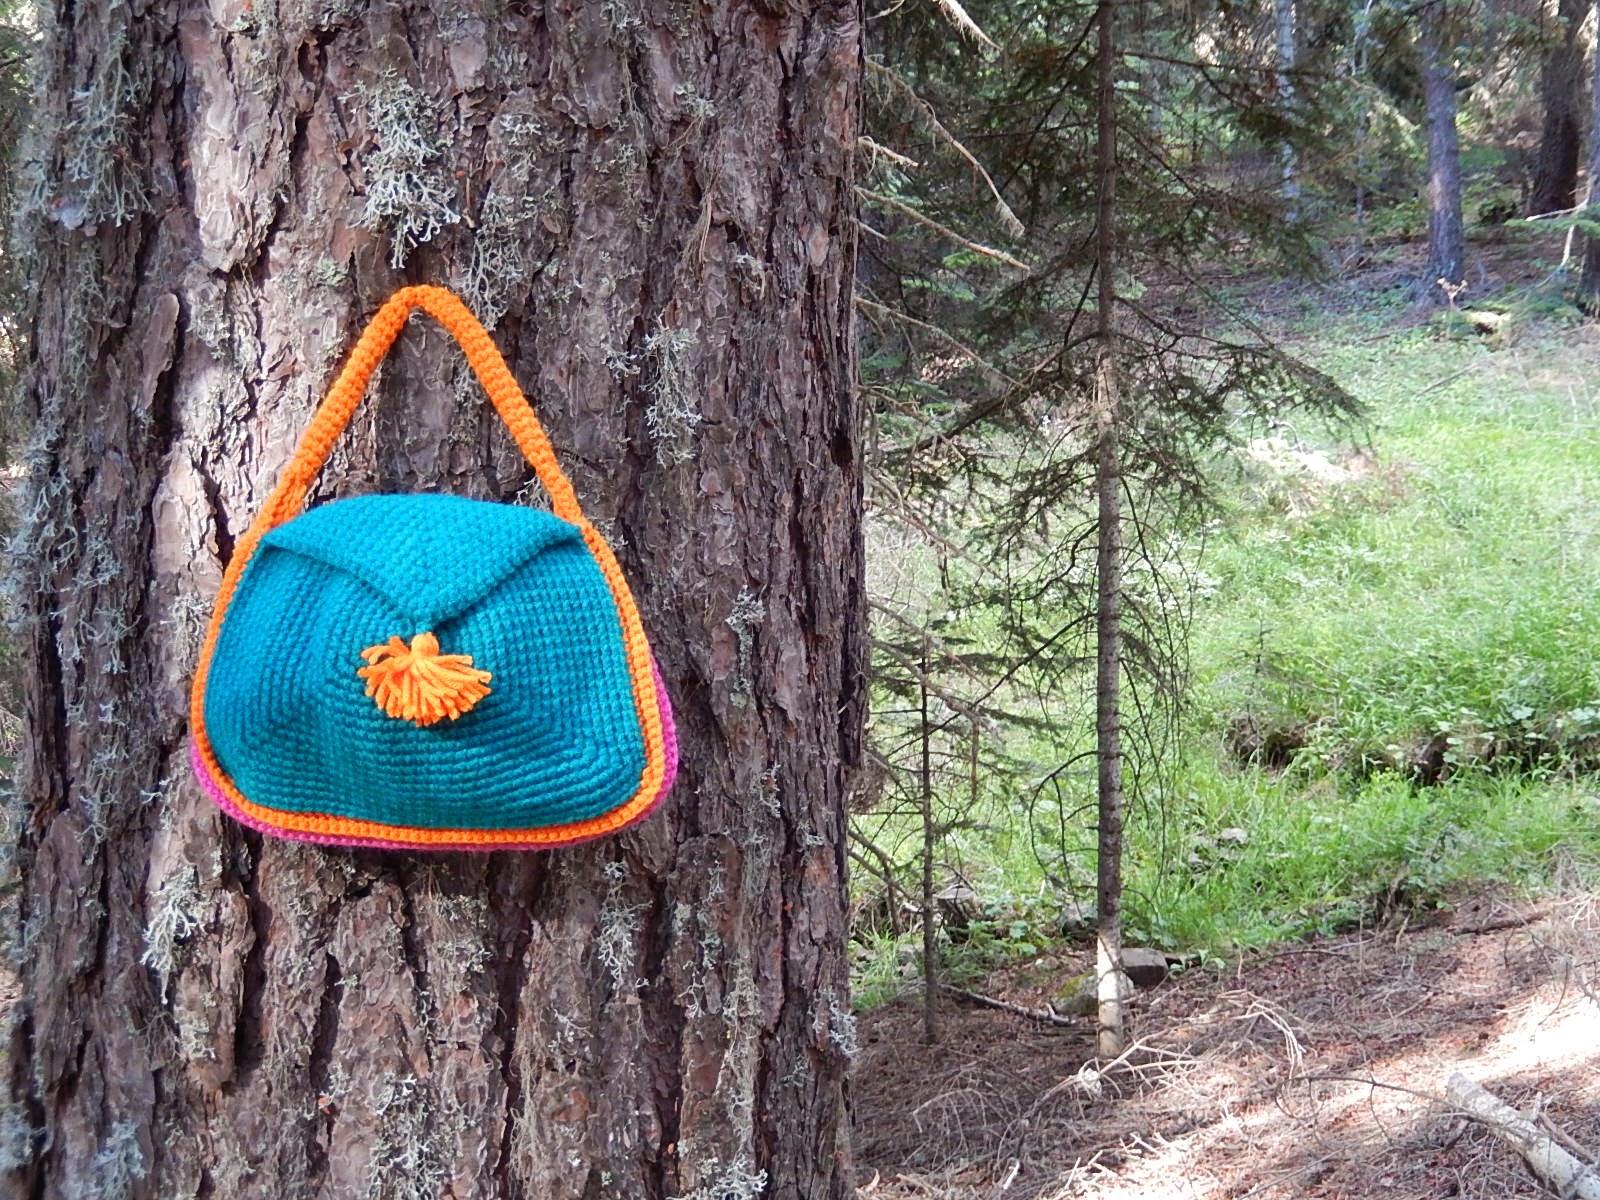 turuncu tığişi çanta çanta